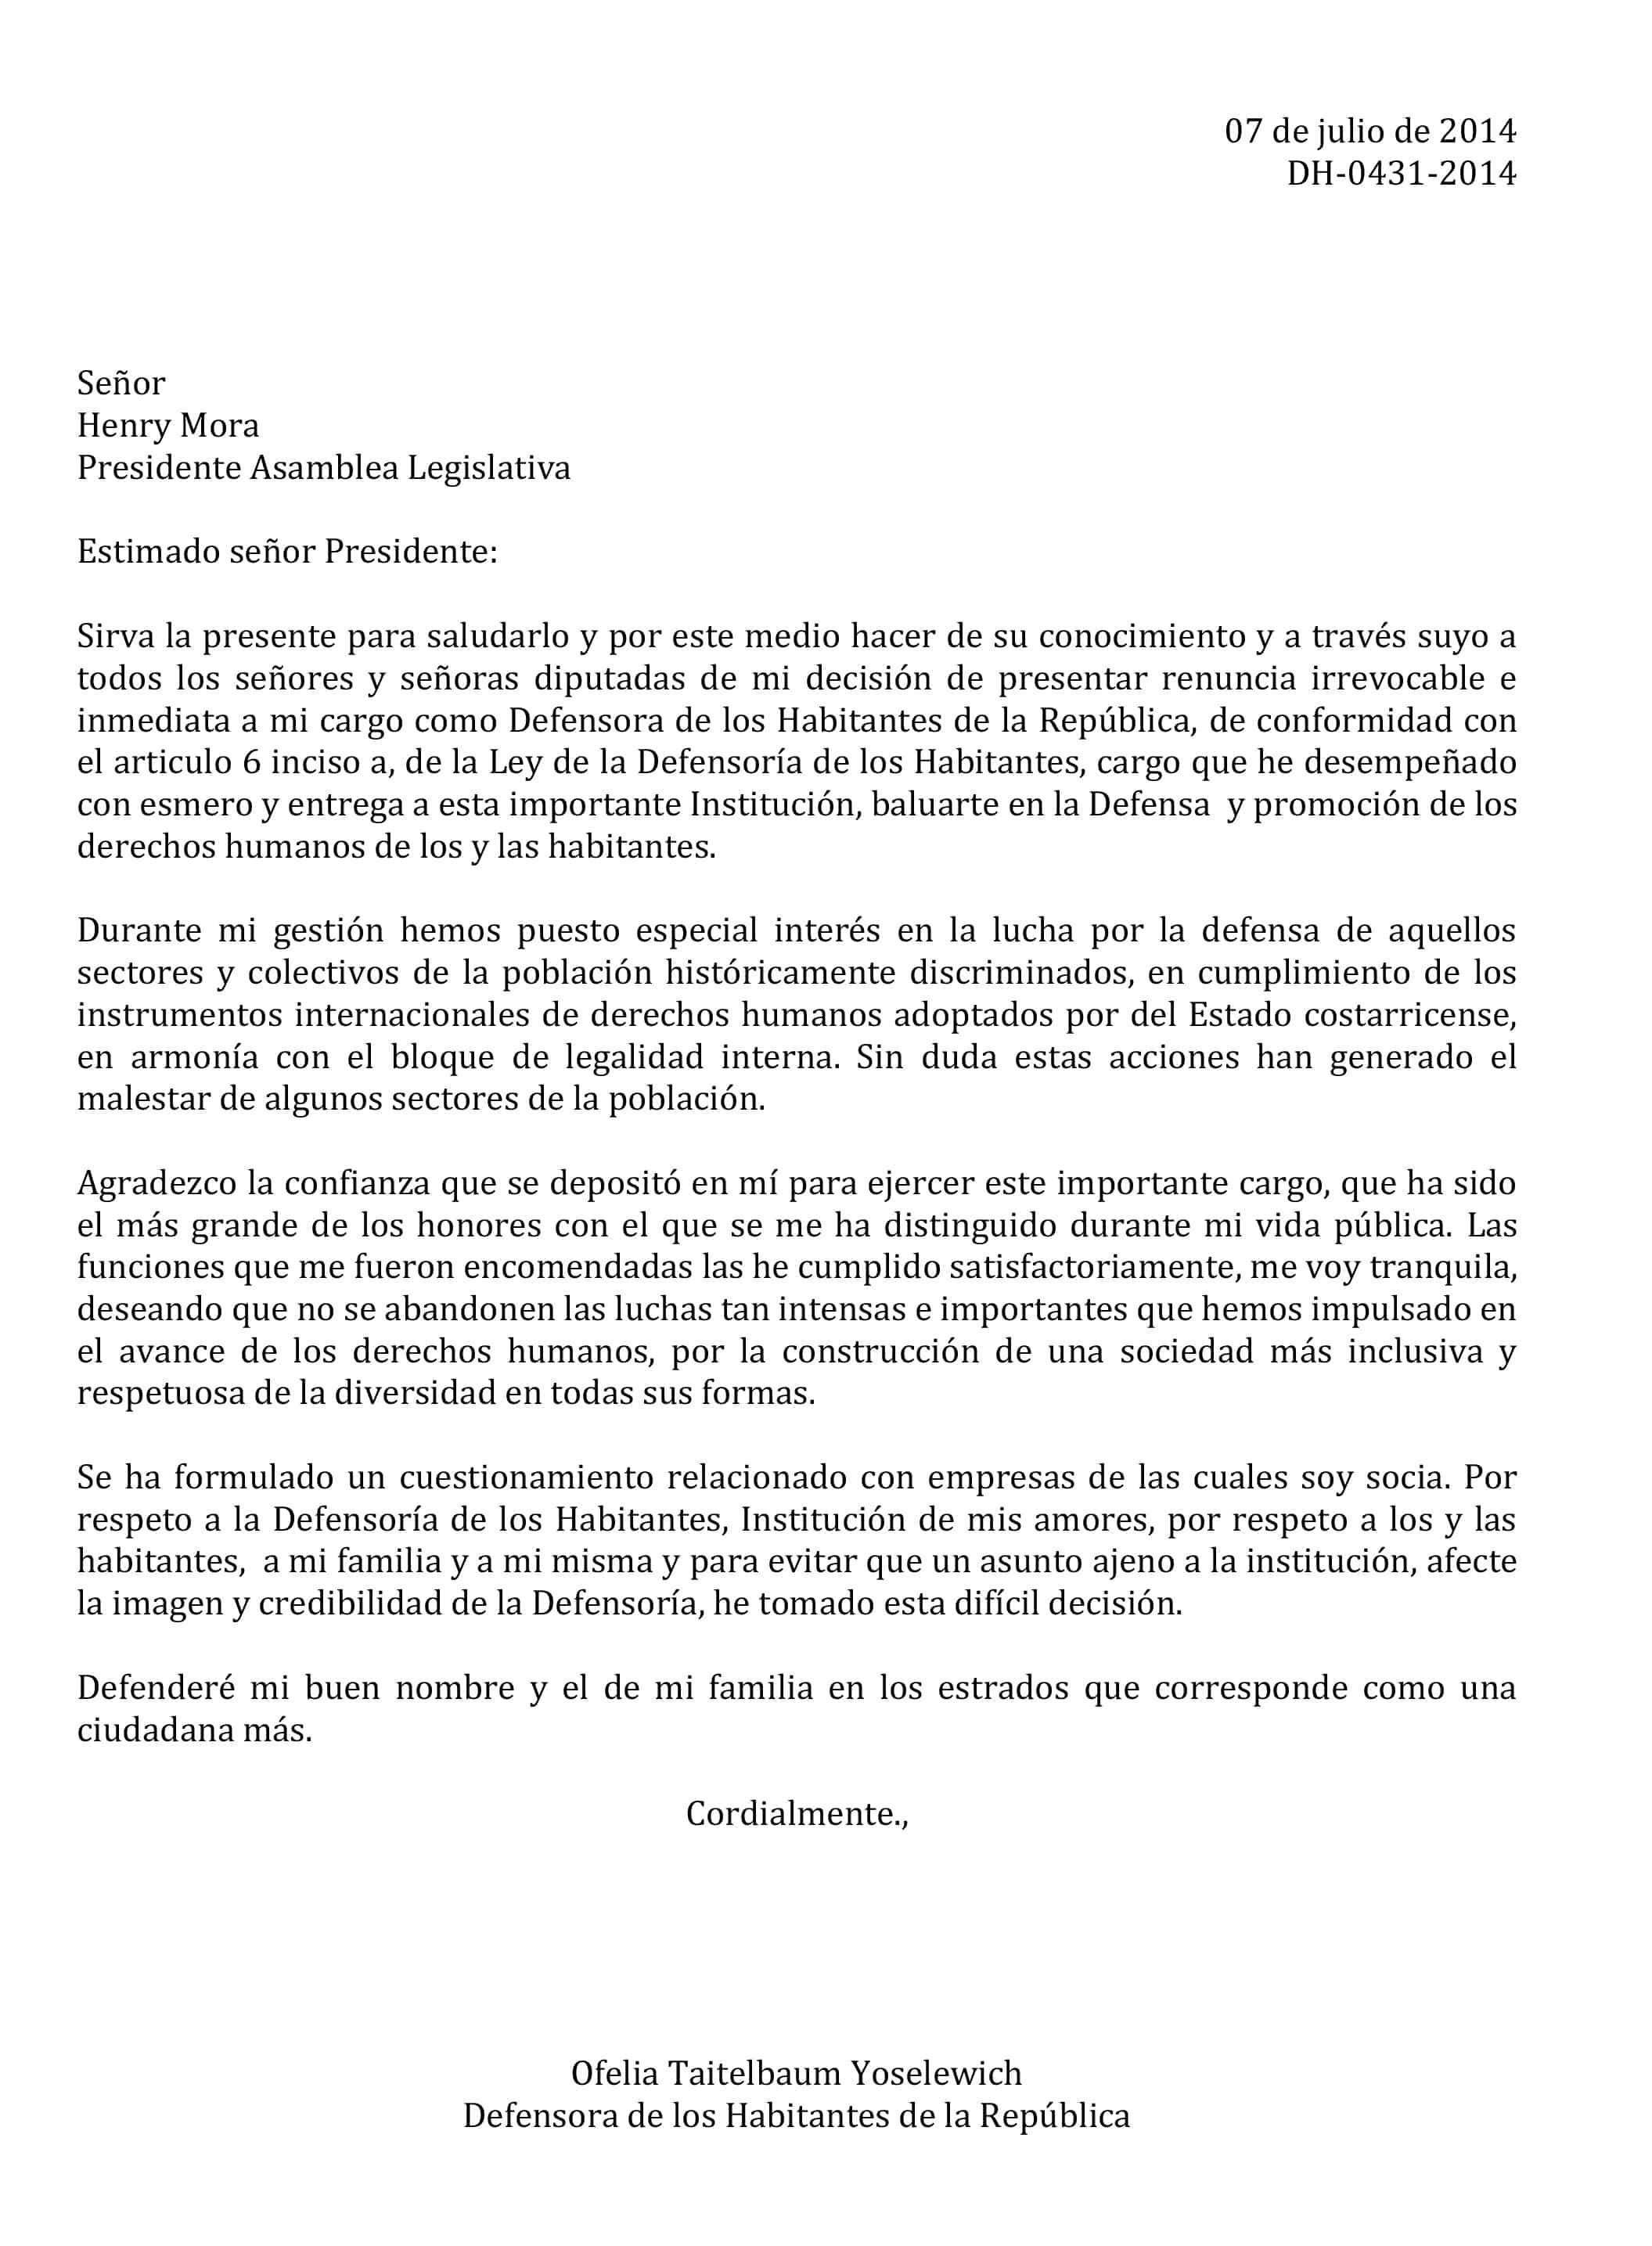 Ofelia Taitelbaum resignation